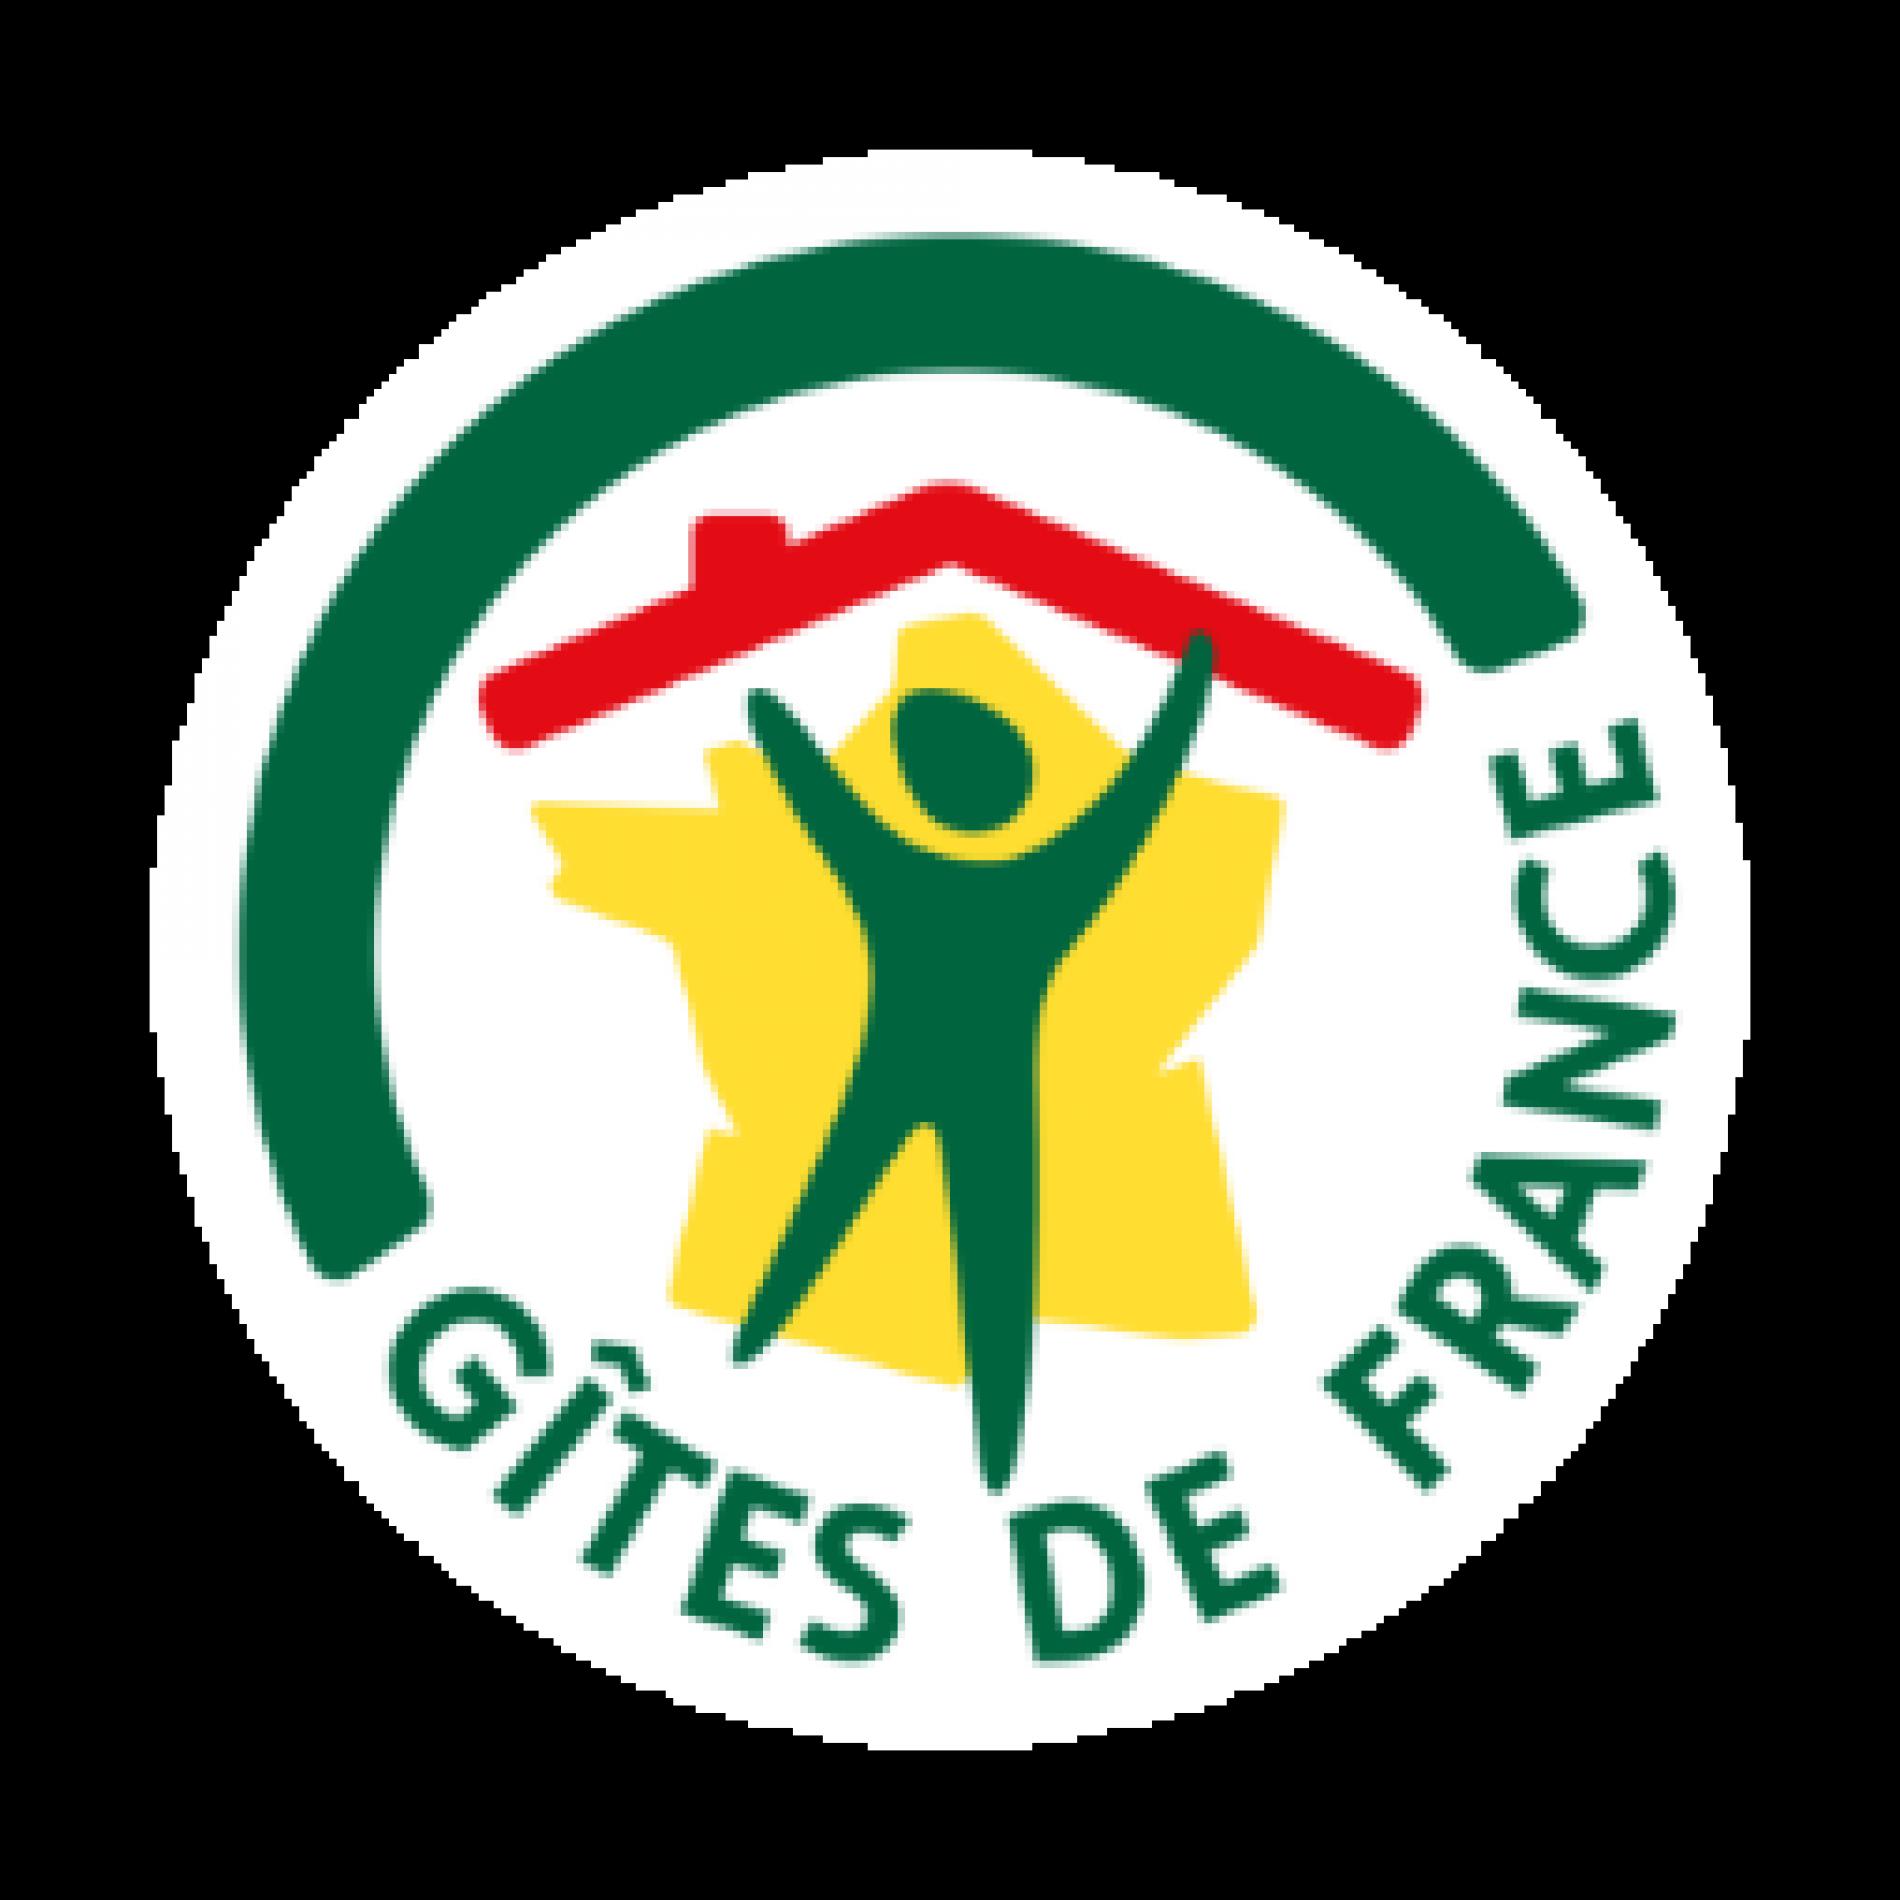 4 épis Gites de France